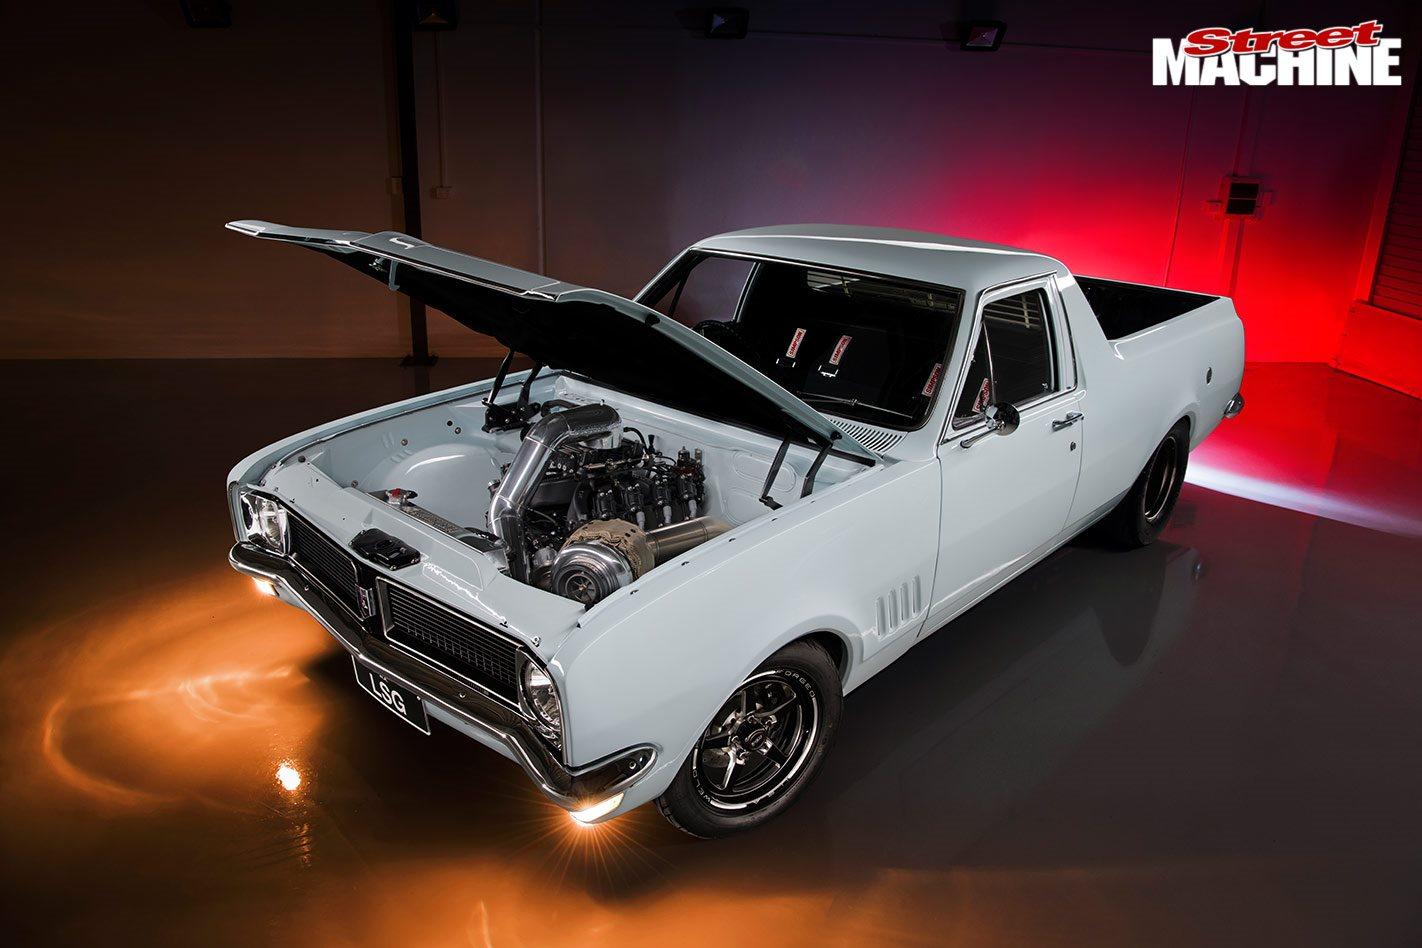 Turbo LS3-powered HG Holden ute - LSG